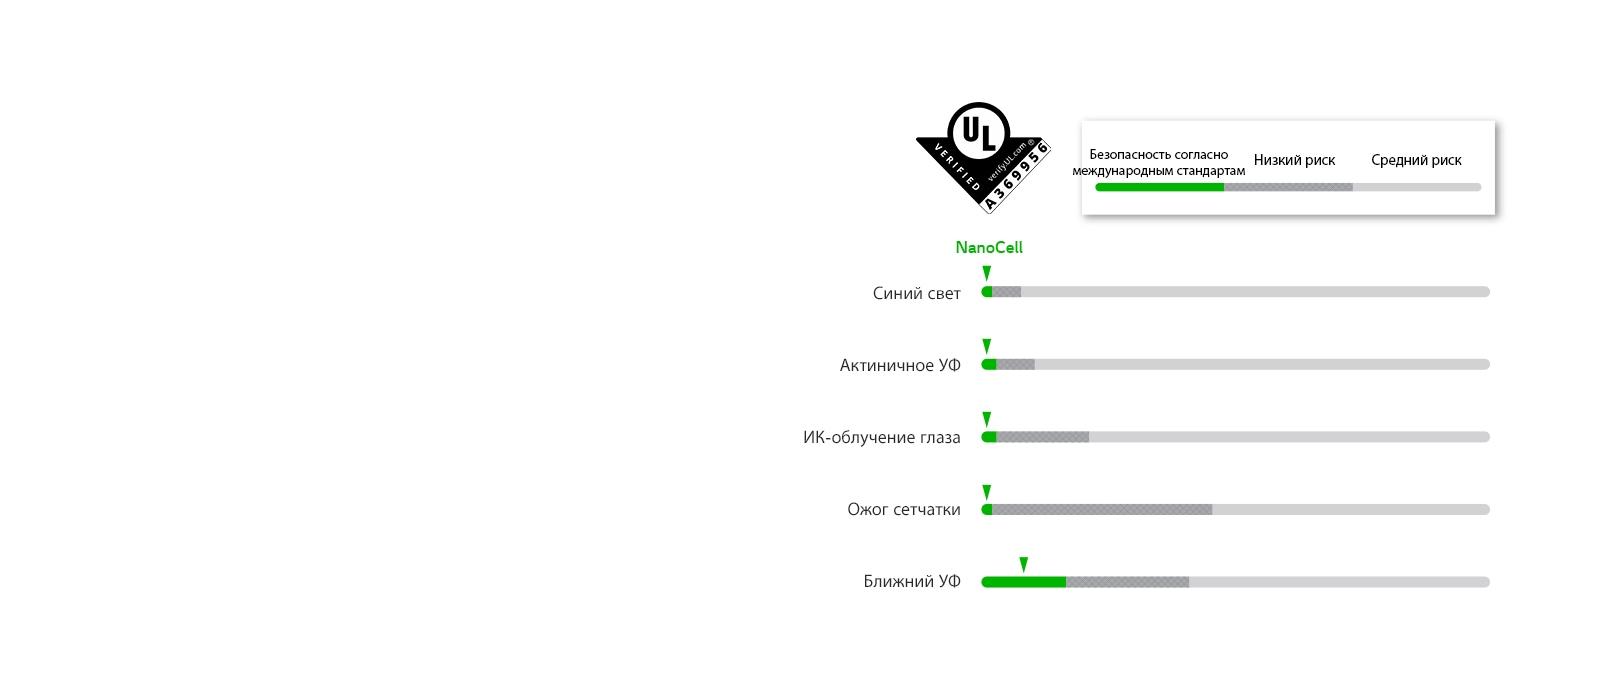 Графики соответствия пяти параметрам безопасности светодиодов